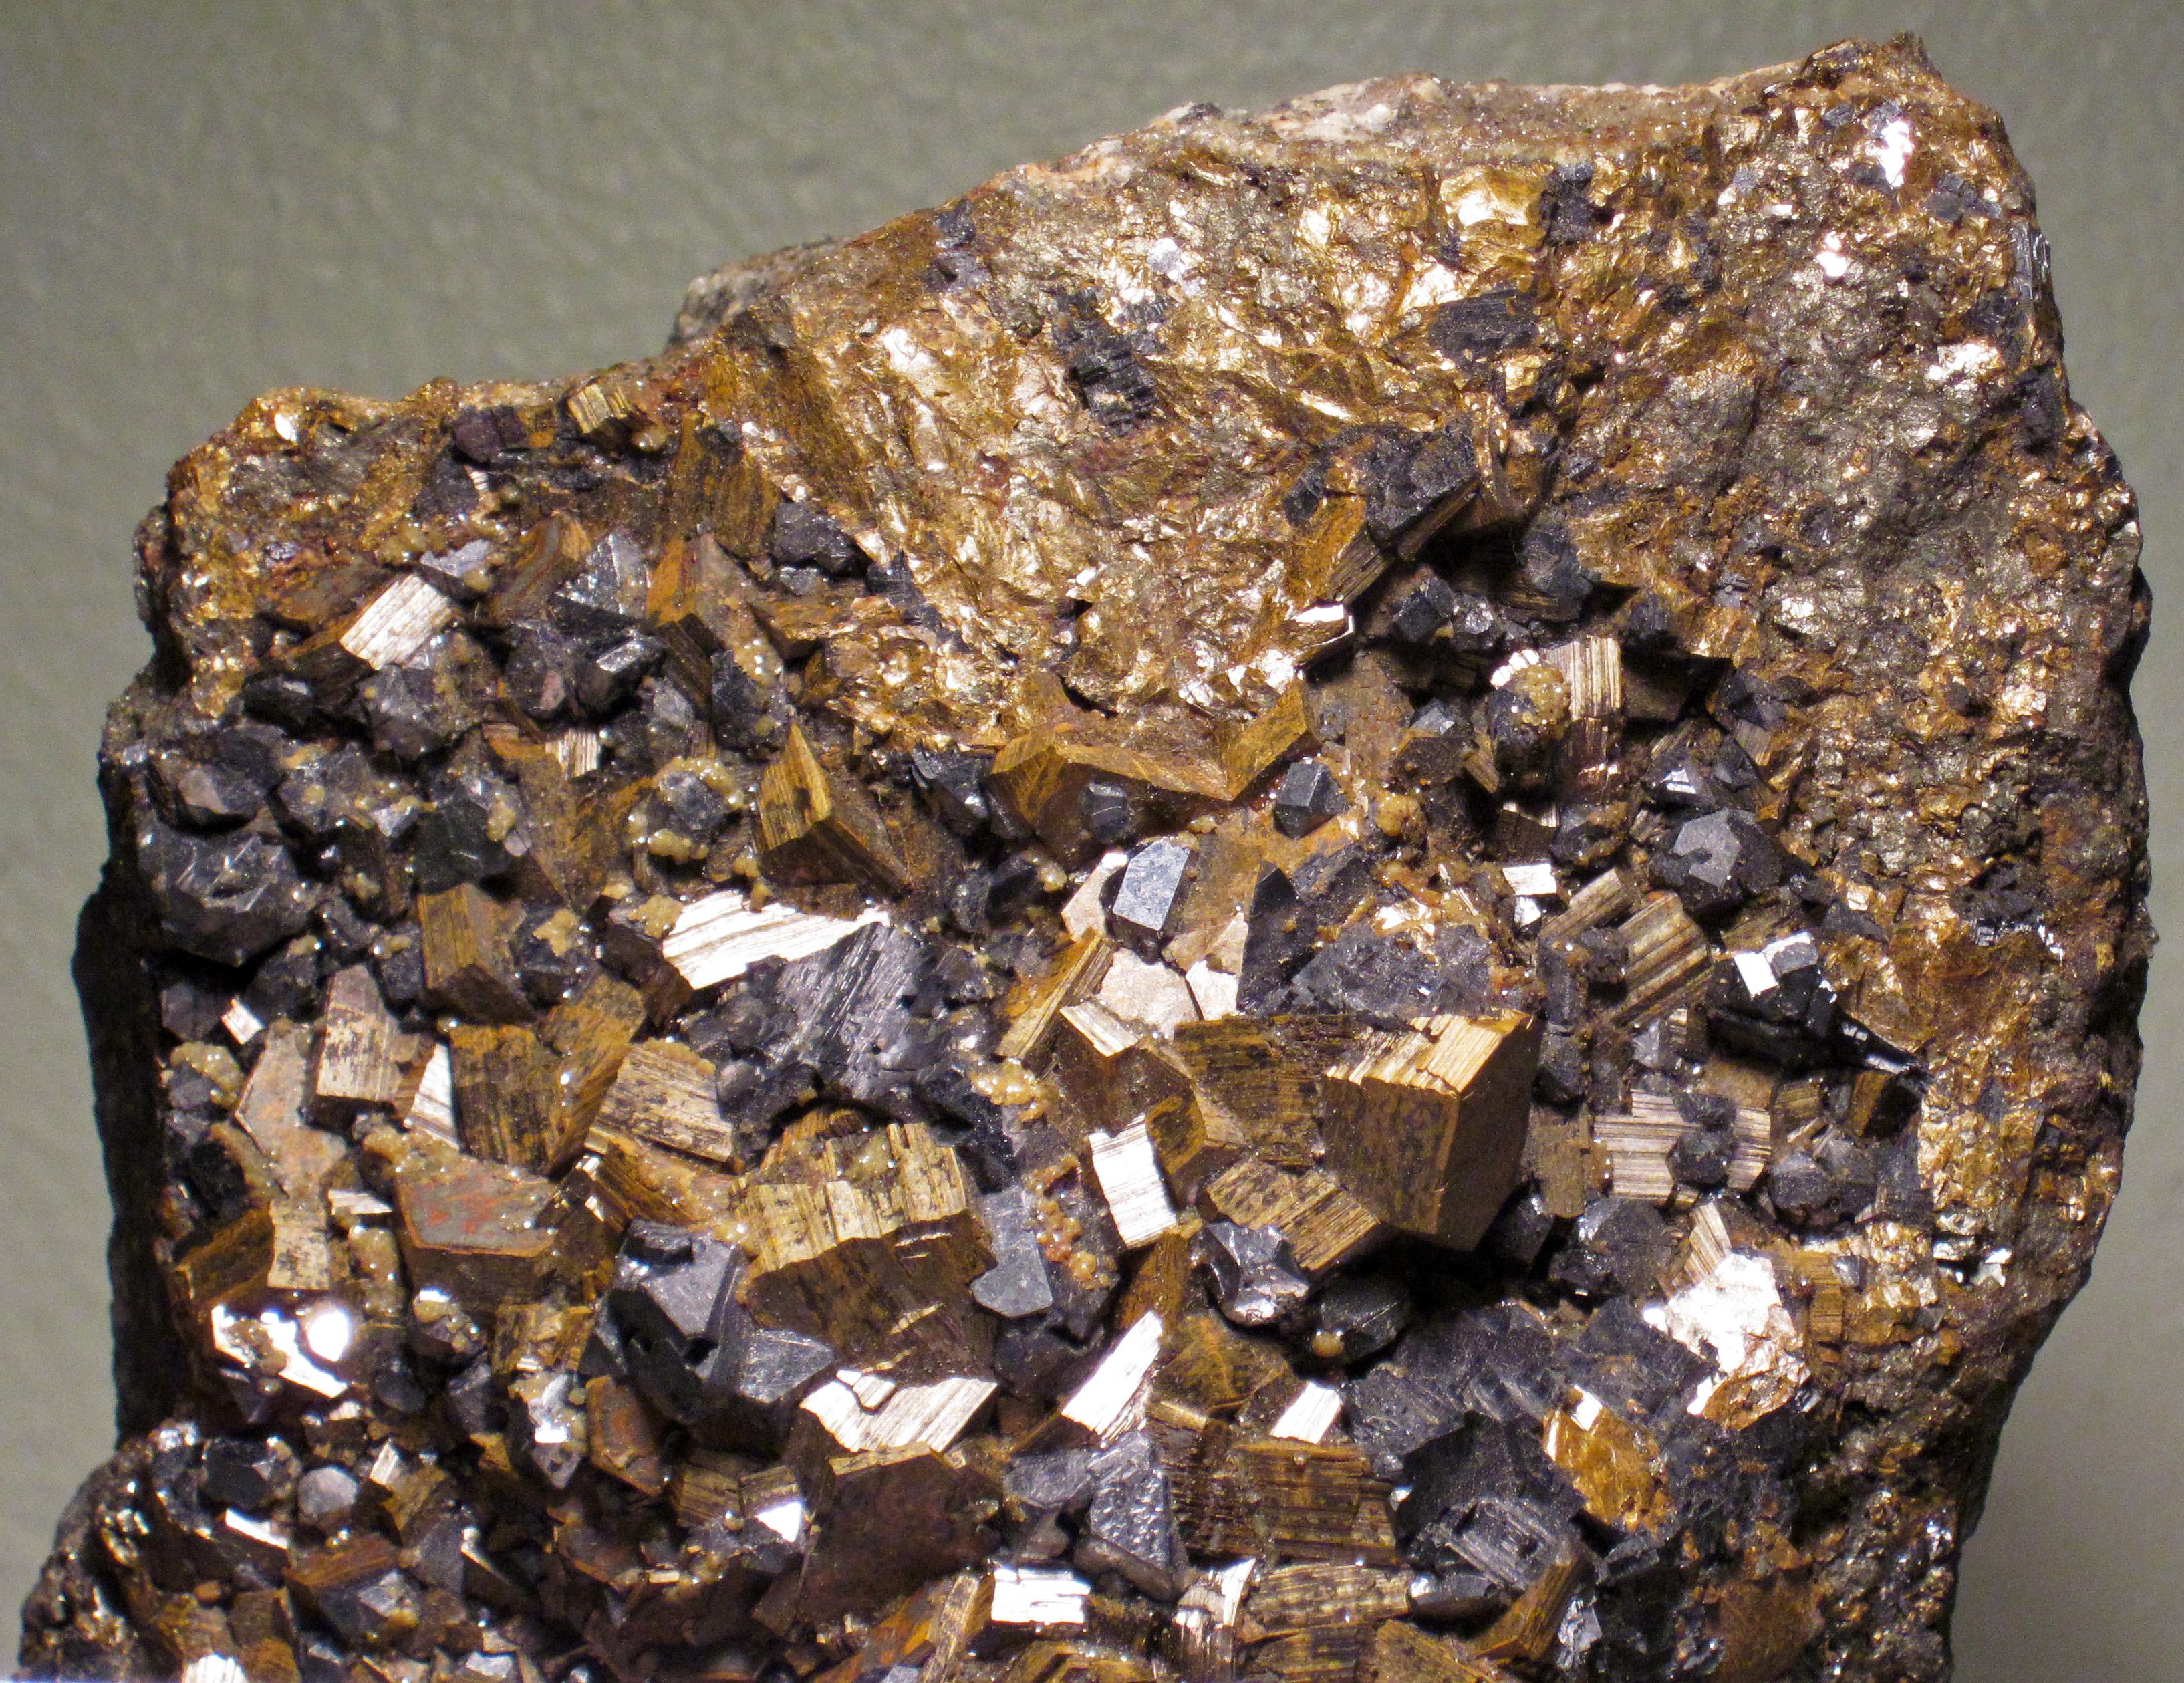 Pyrrhotite mineral